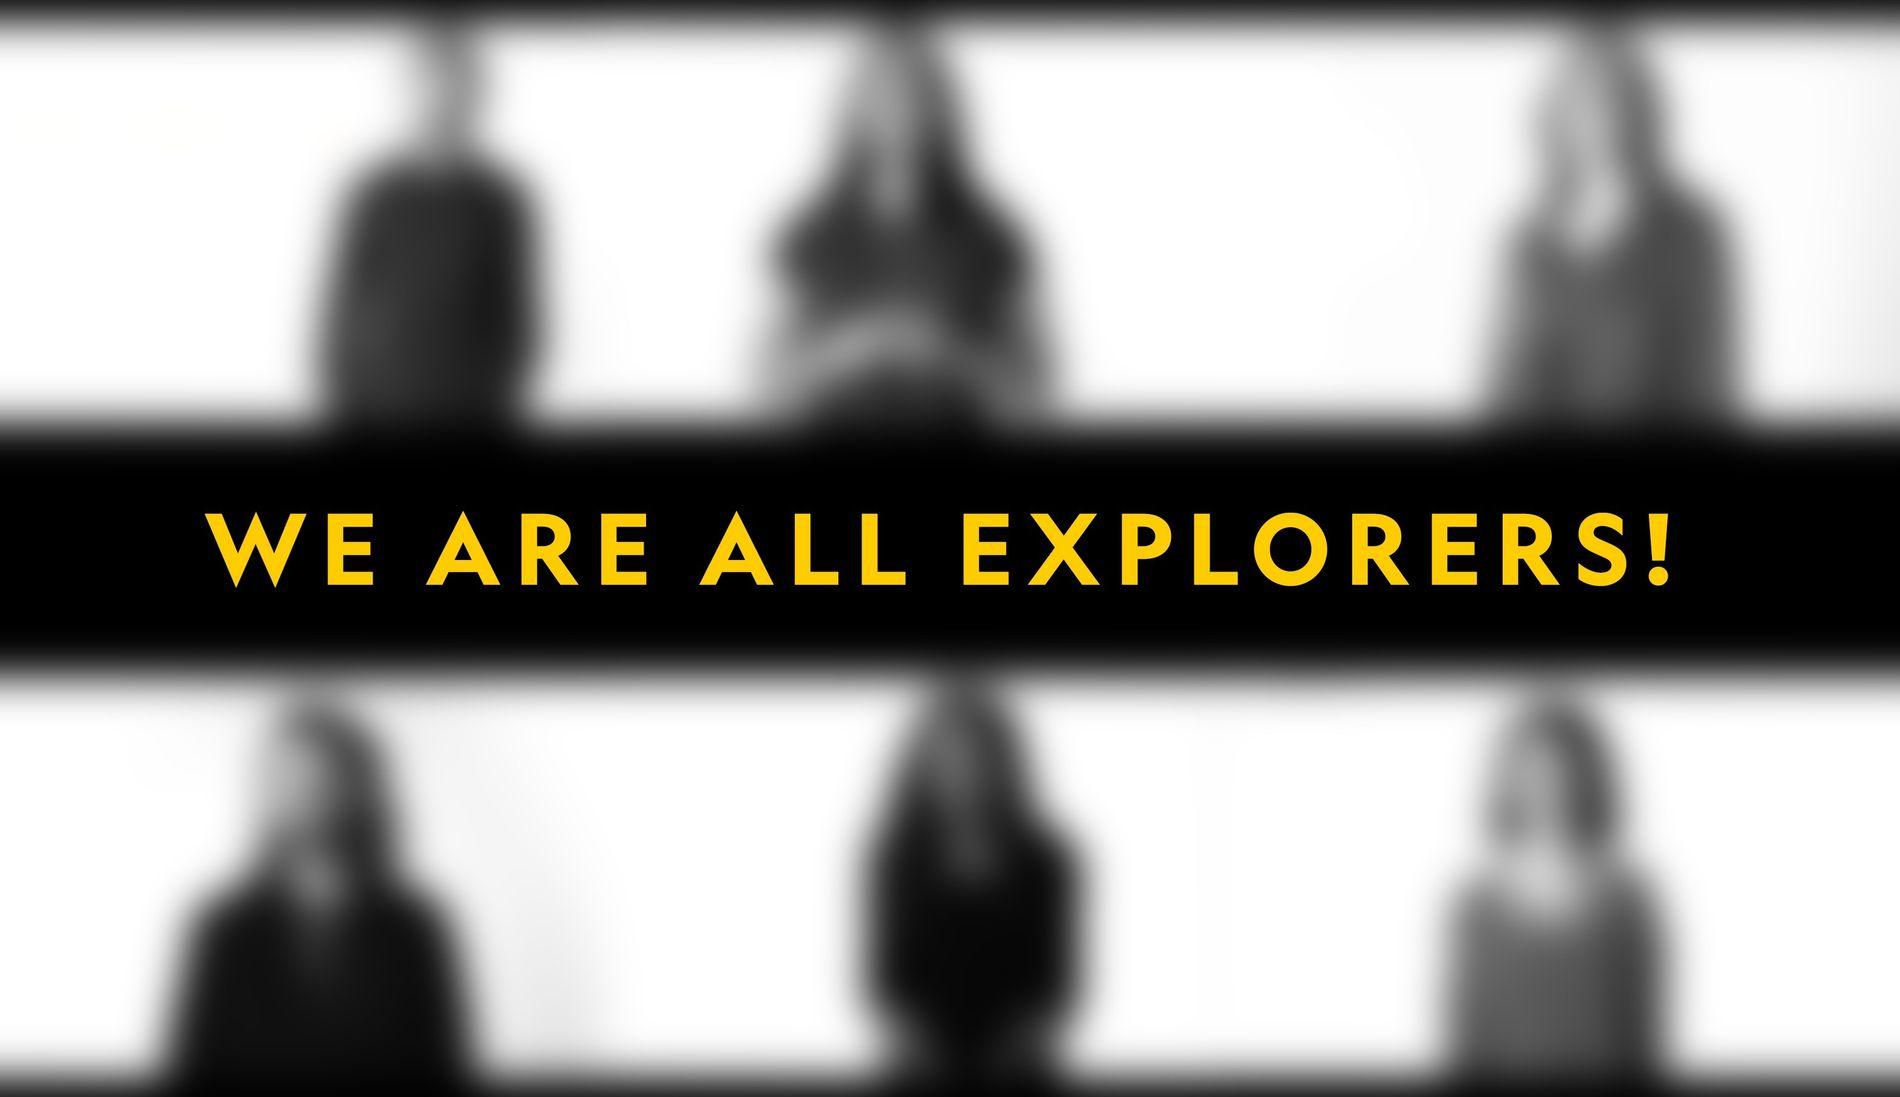 #weareallexplorers